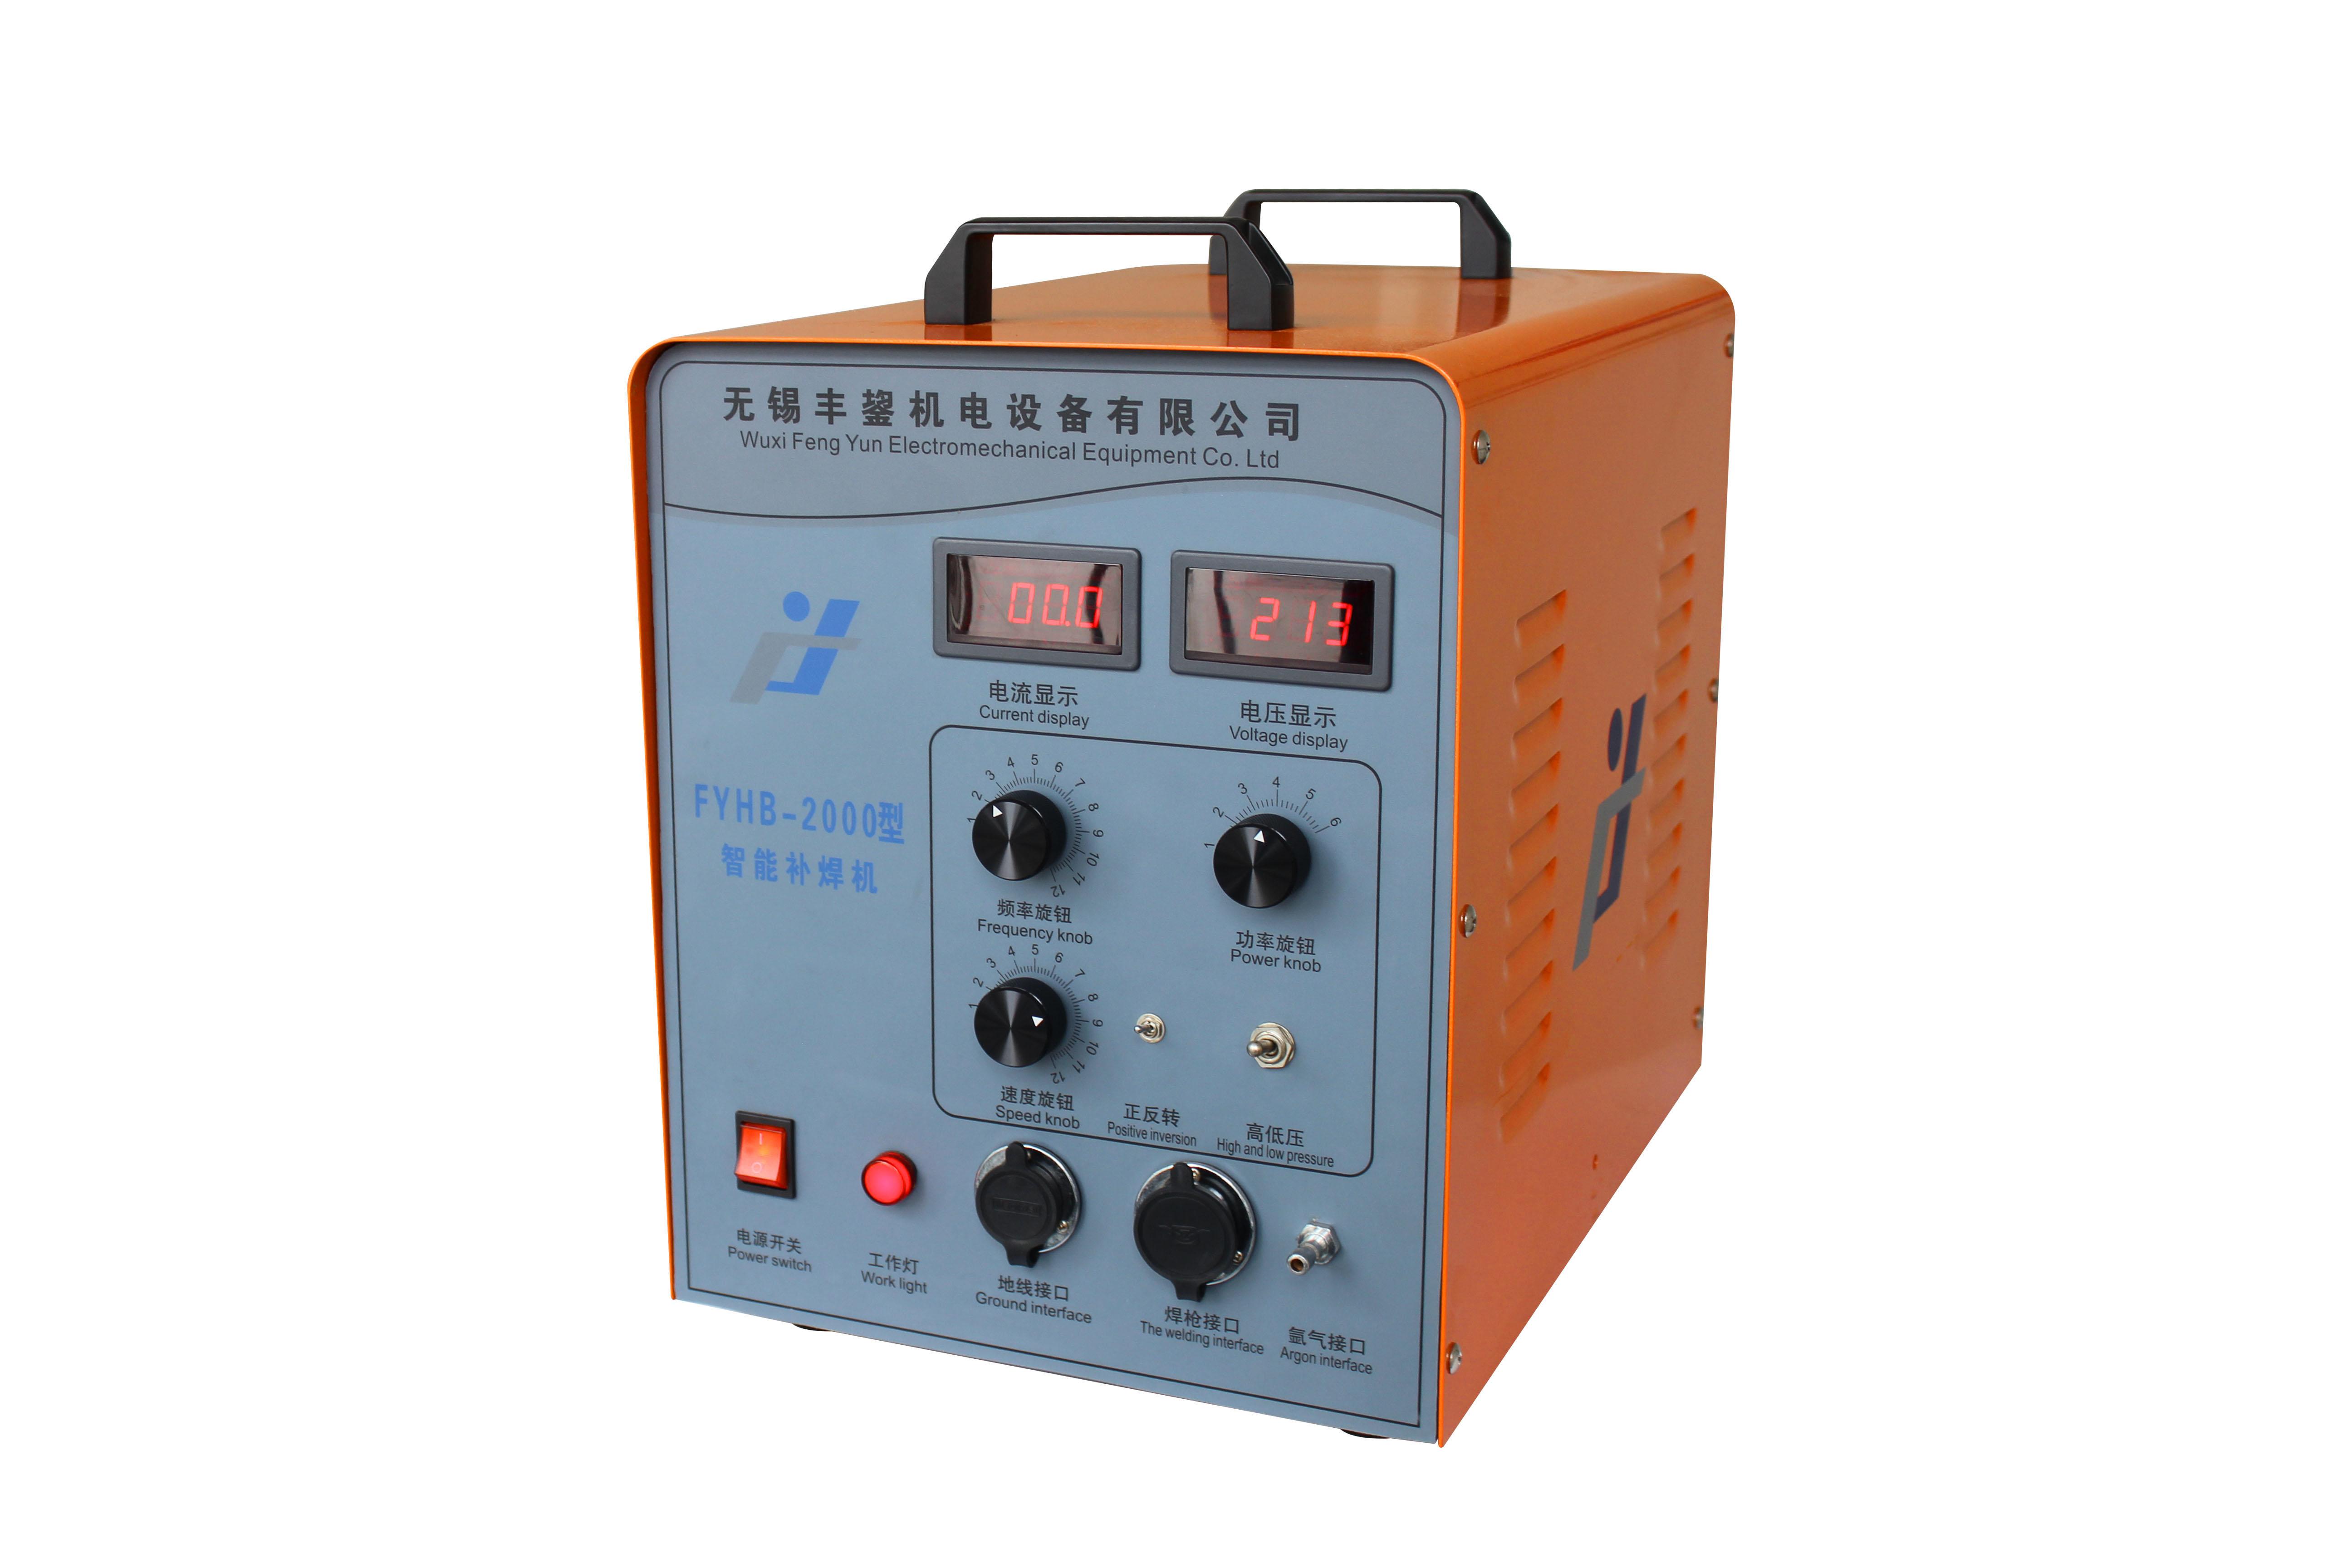 FYHB-2000智能冷焊修补机